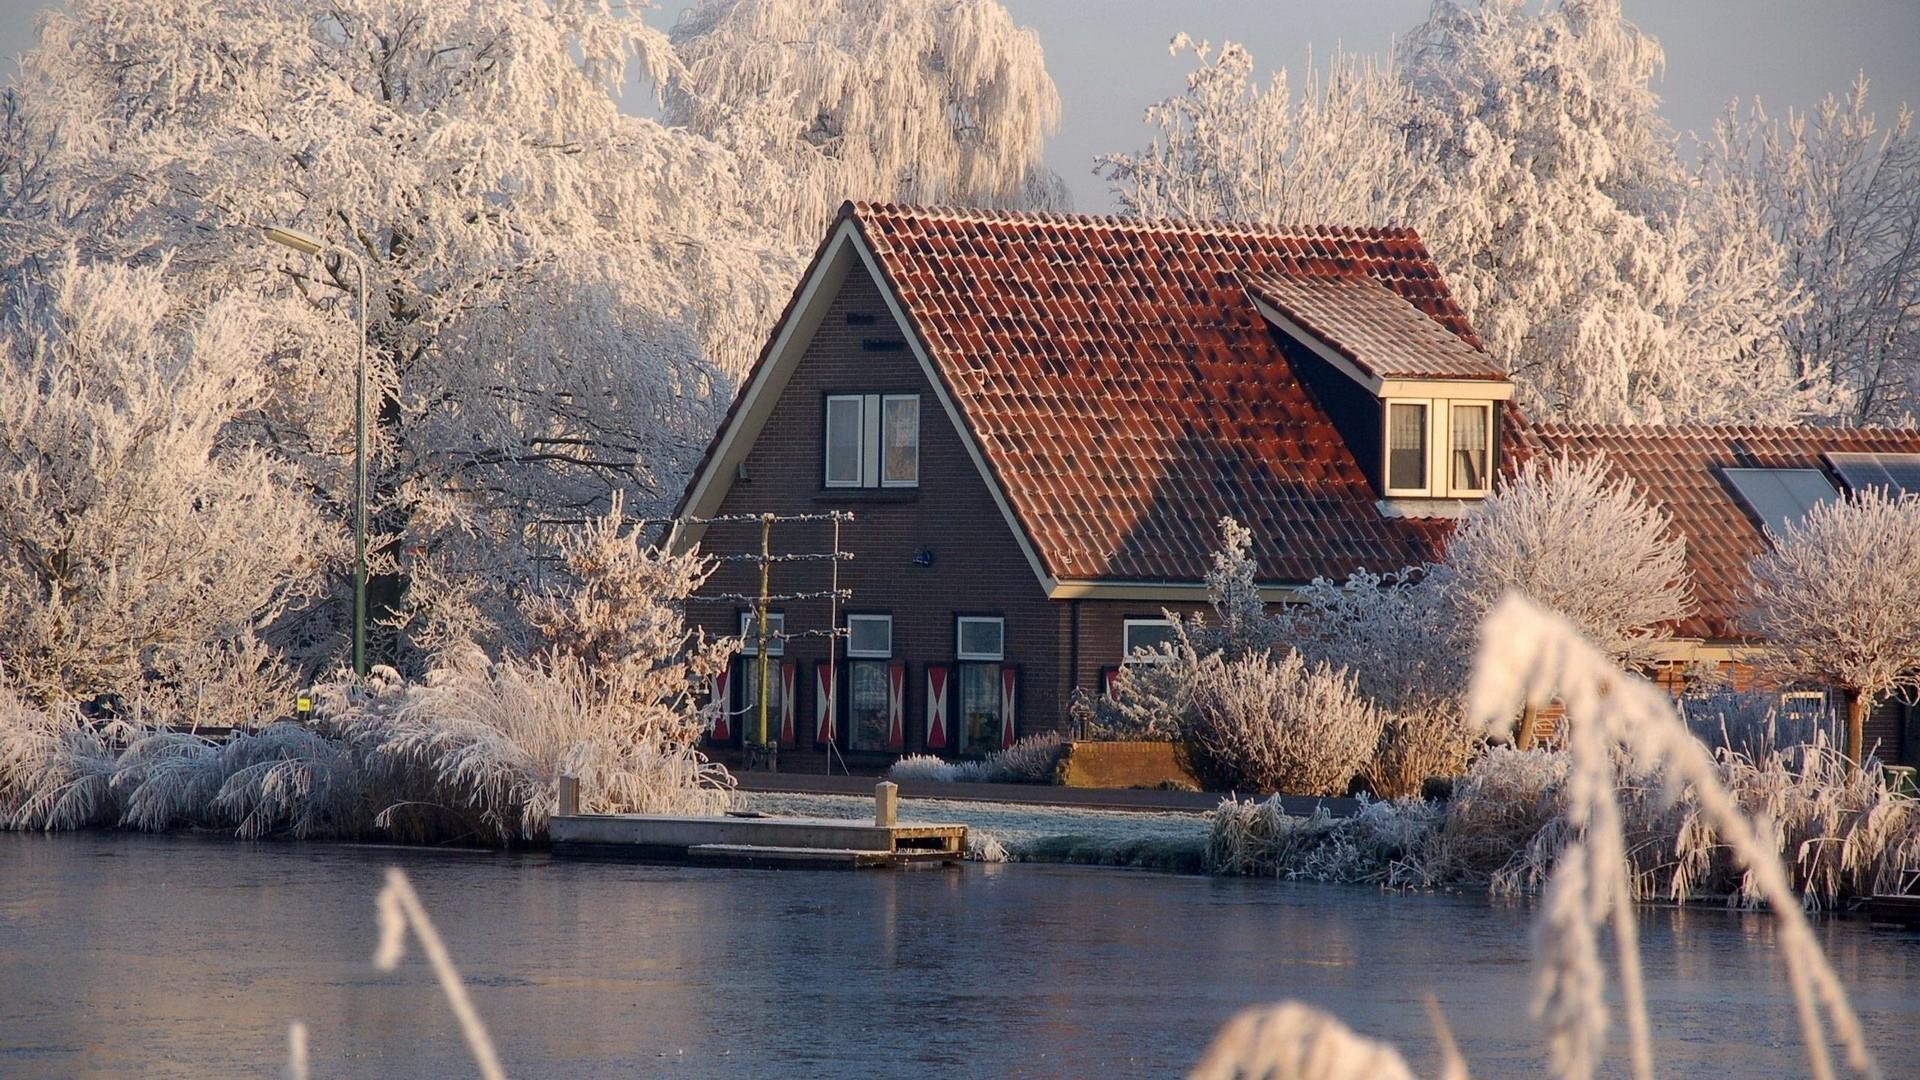 Фотография - Зима  Season Дом лед Snow Обои